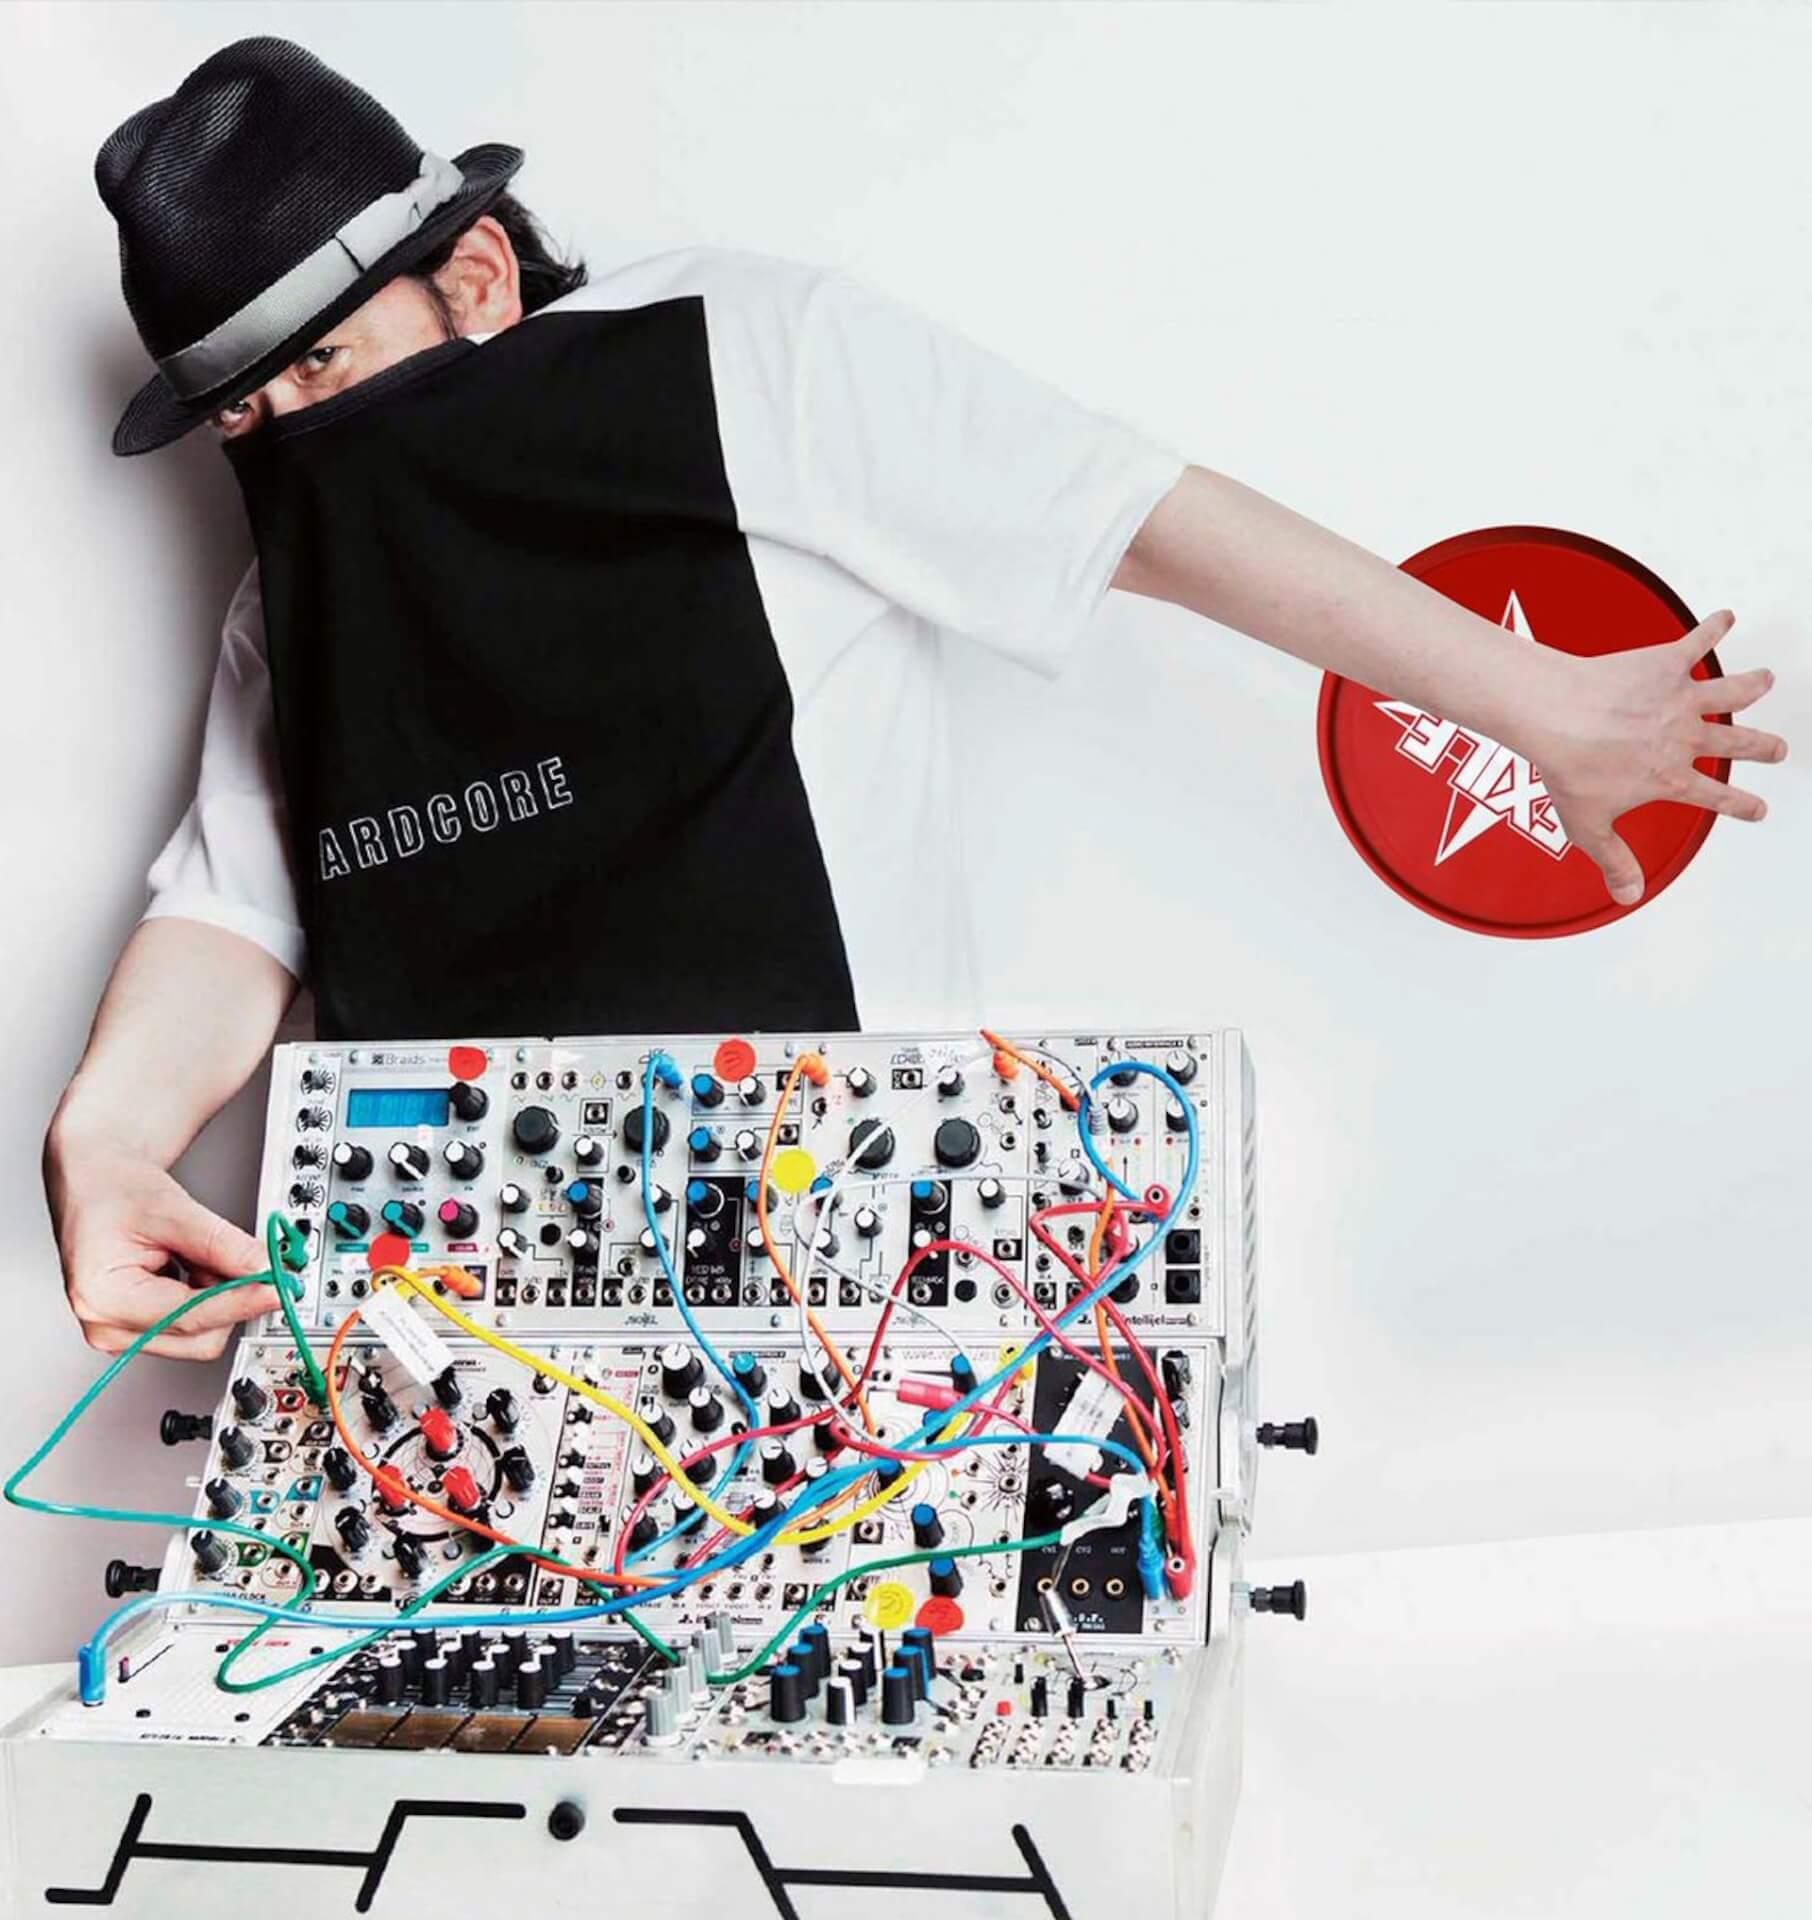 【なんと!】Mika Vainioトリビュート・イベントにDOMMUNEの宇川直宏がモジュラー&DJセットで出演決定! music191009-mika-vainio-tribute-2